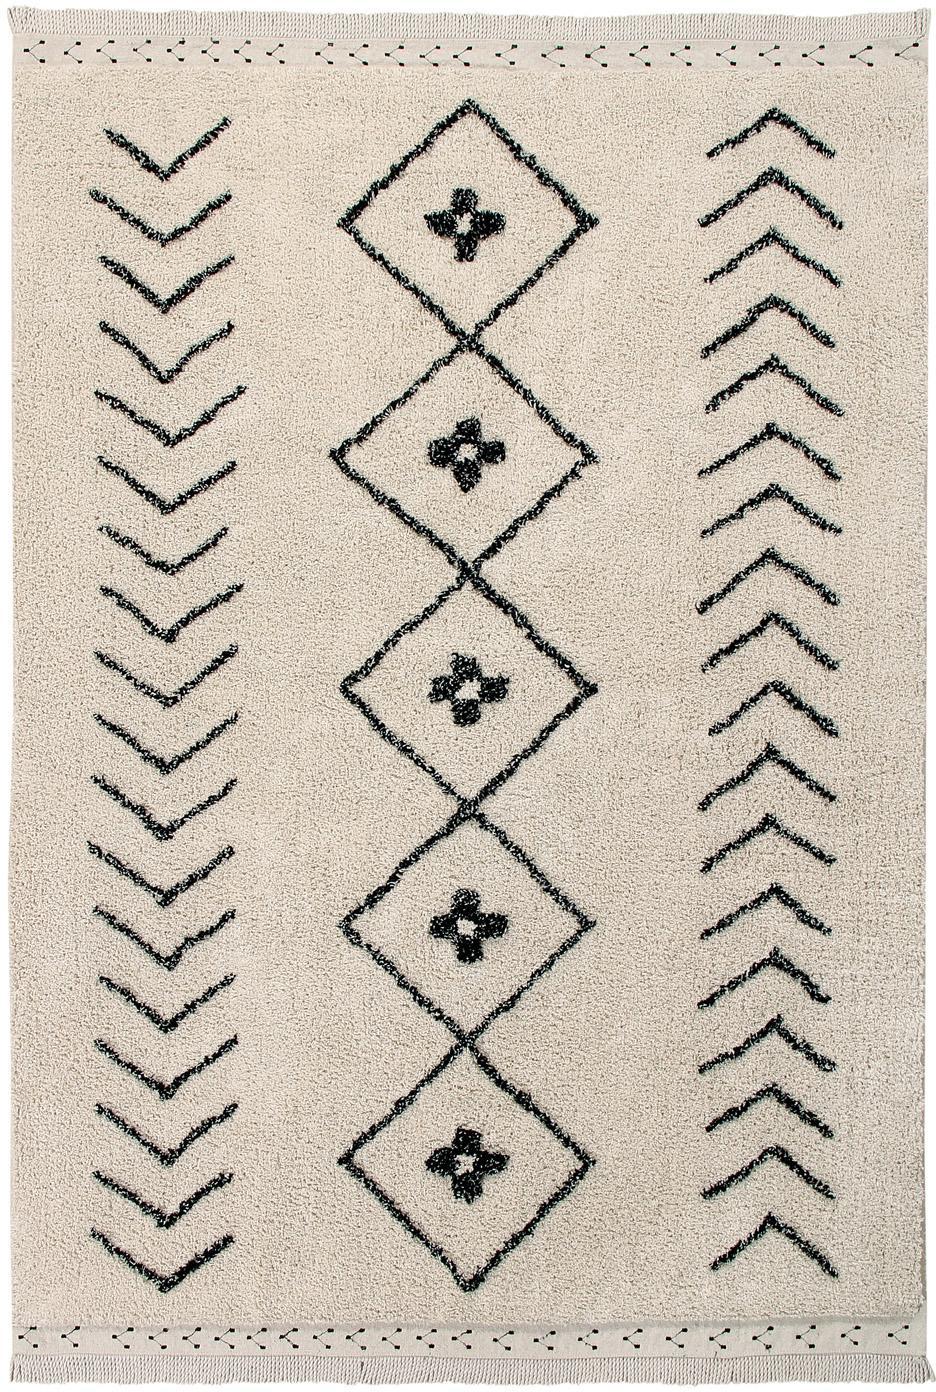 Tappeto in cotone lavabile Barber, Retro: cotone riciclato, Marrone chiaro, nero, Larg. 120 x Lung. 170 cm (taglia S)